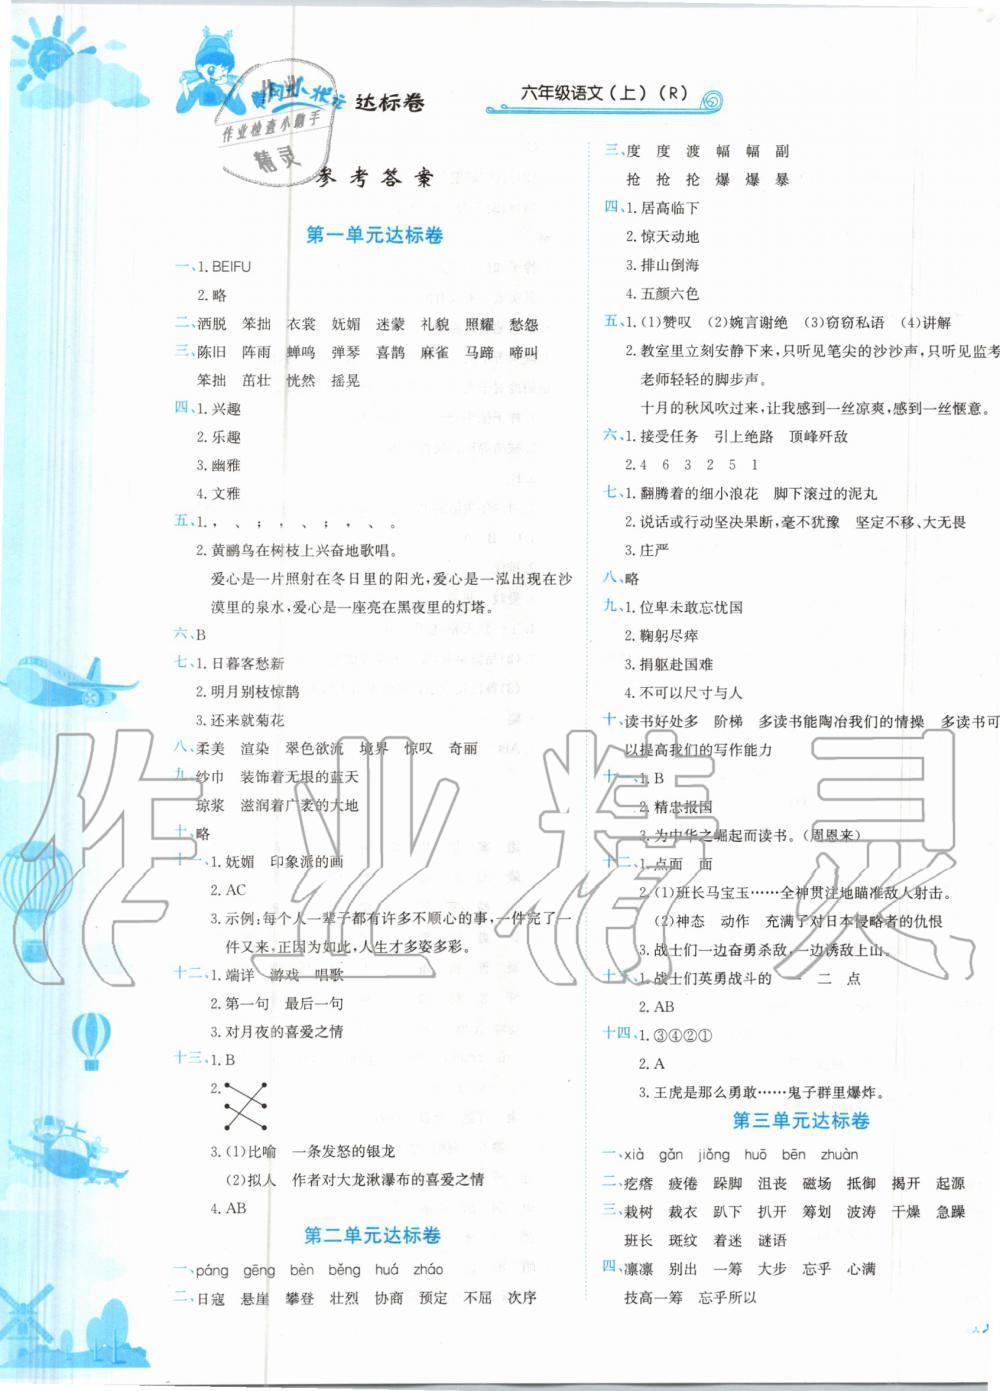 超级准的pc蛋蛋预测软件_2019年黄冈小状元达标卷六年级语文上册人教版第1页